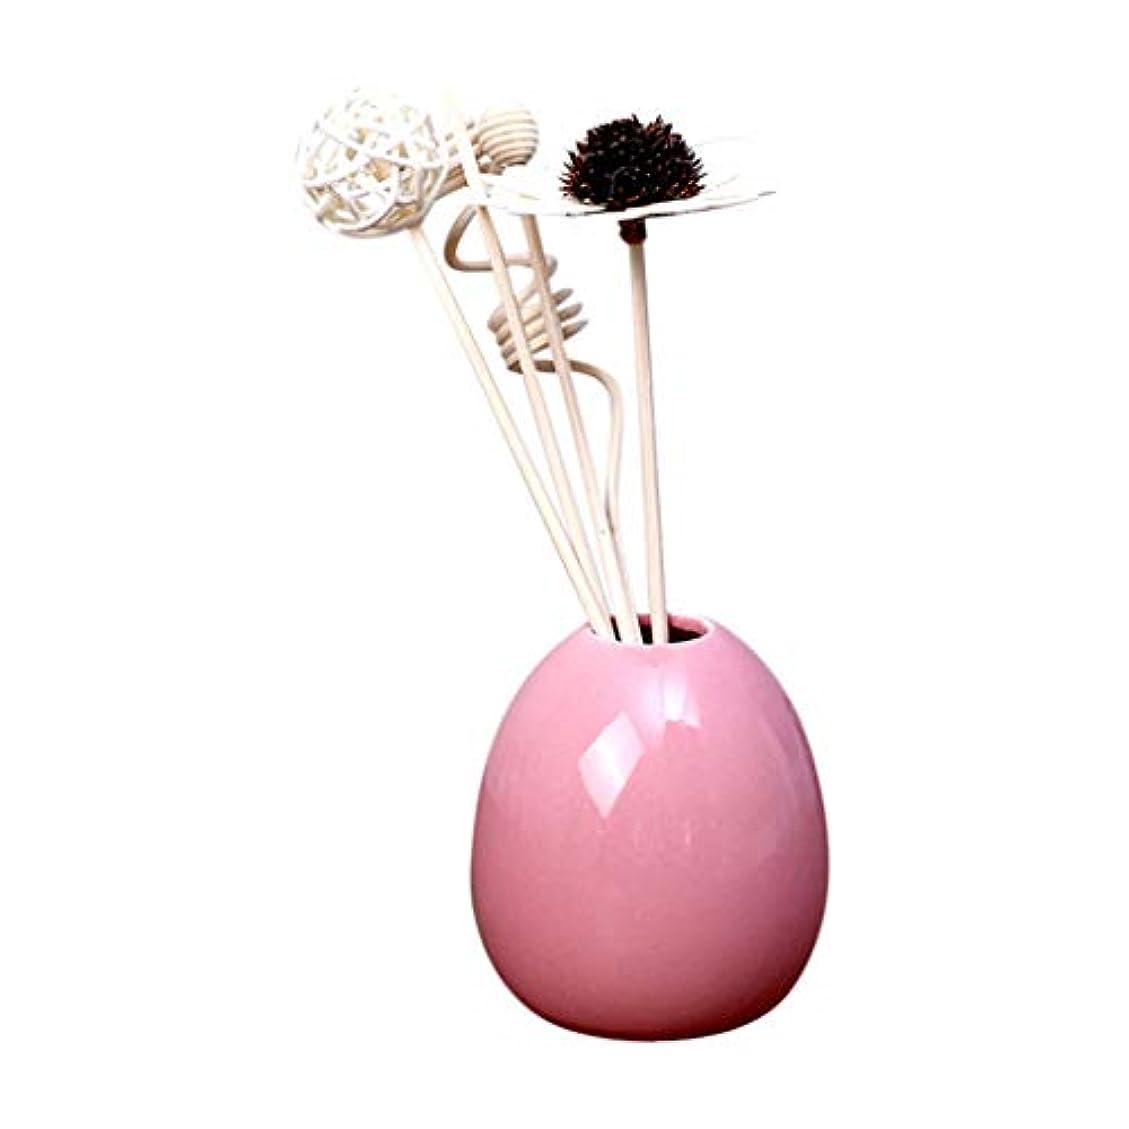 最小教えてカイウスLazayyii エッセンシャルオイル セット 家庭用 香 寝室バスルームルーム 香水 消臭 (ピンク)